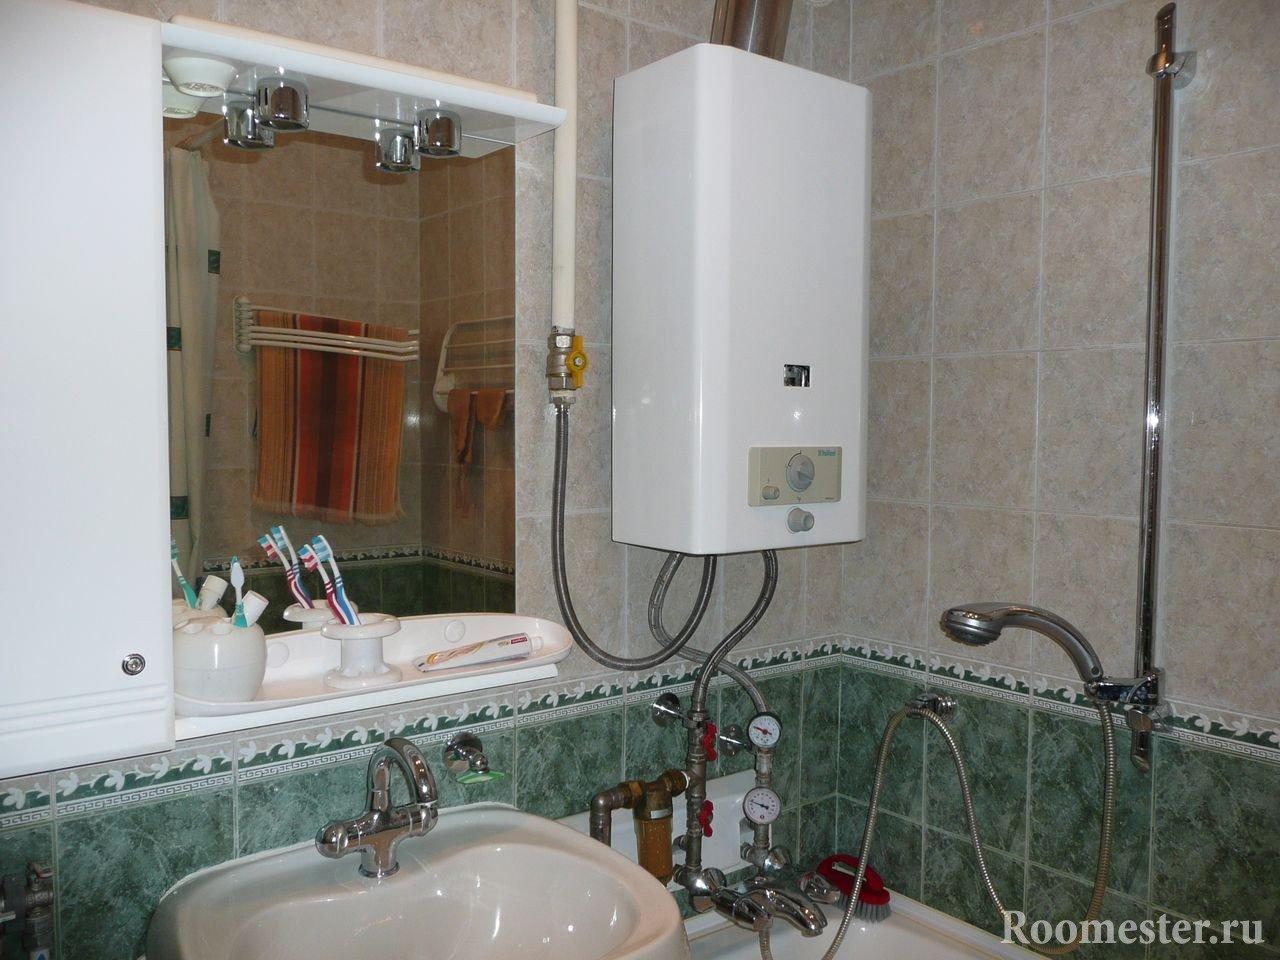 Газовая колонка рядом с зеркалом